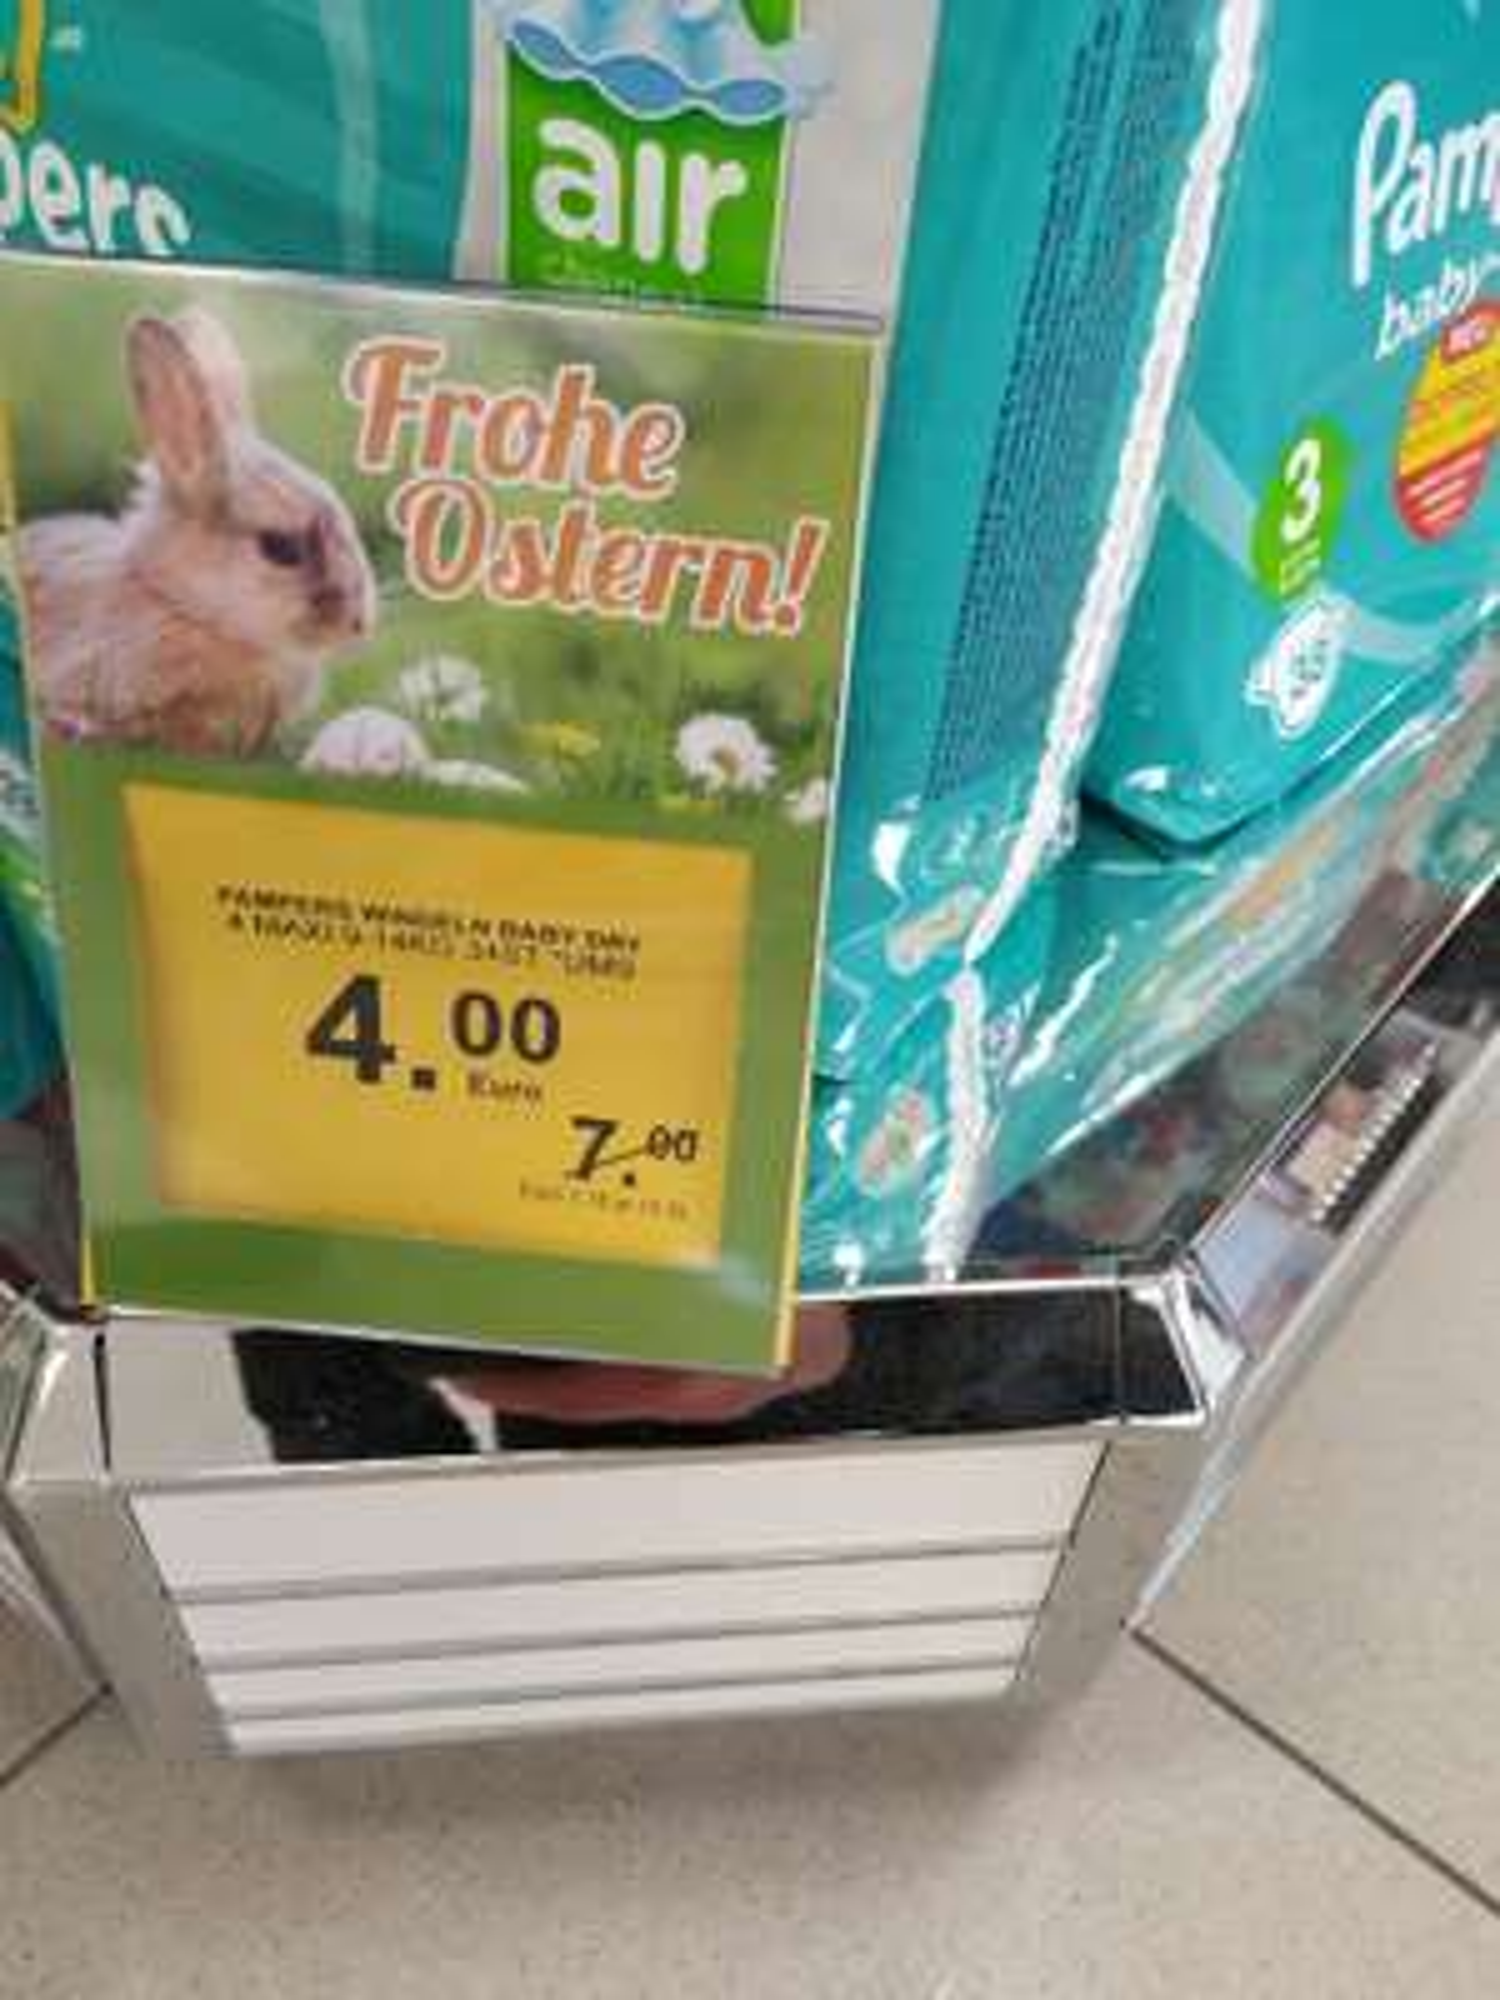 Müller (Bad Hersfeld) evtl ganz Deutschland . pampers Baby dry windeln größe 4 (evtl auch andere Größen)